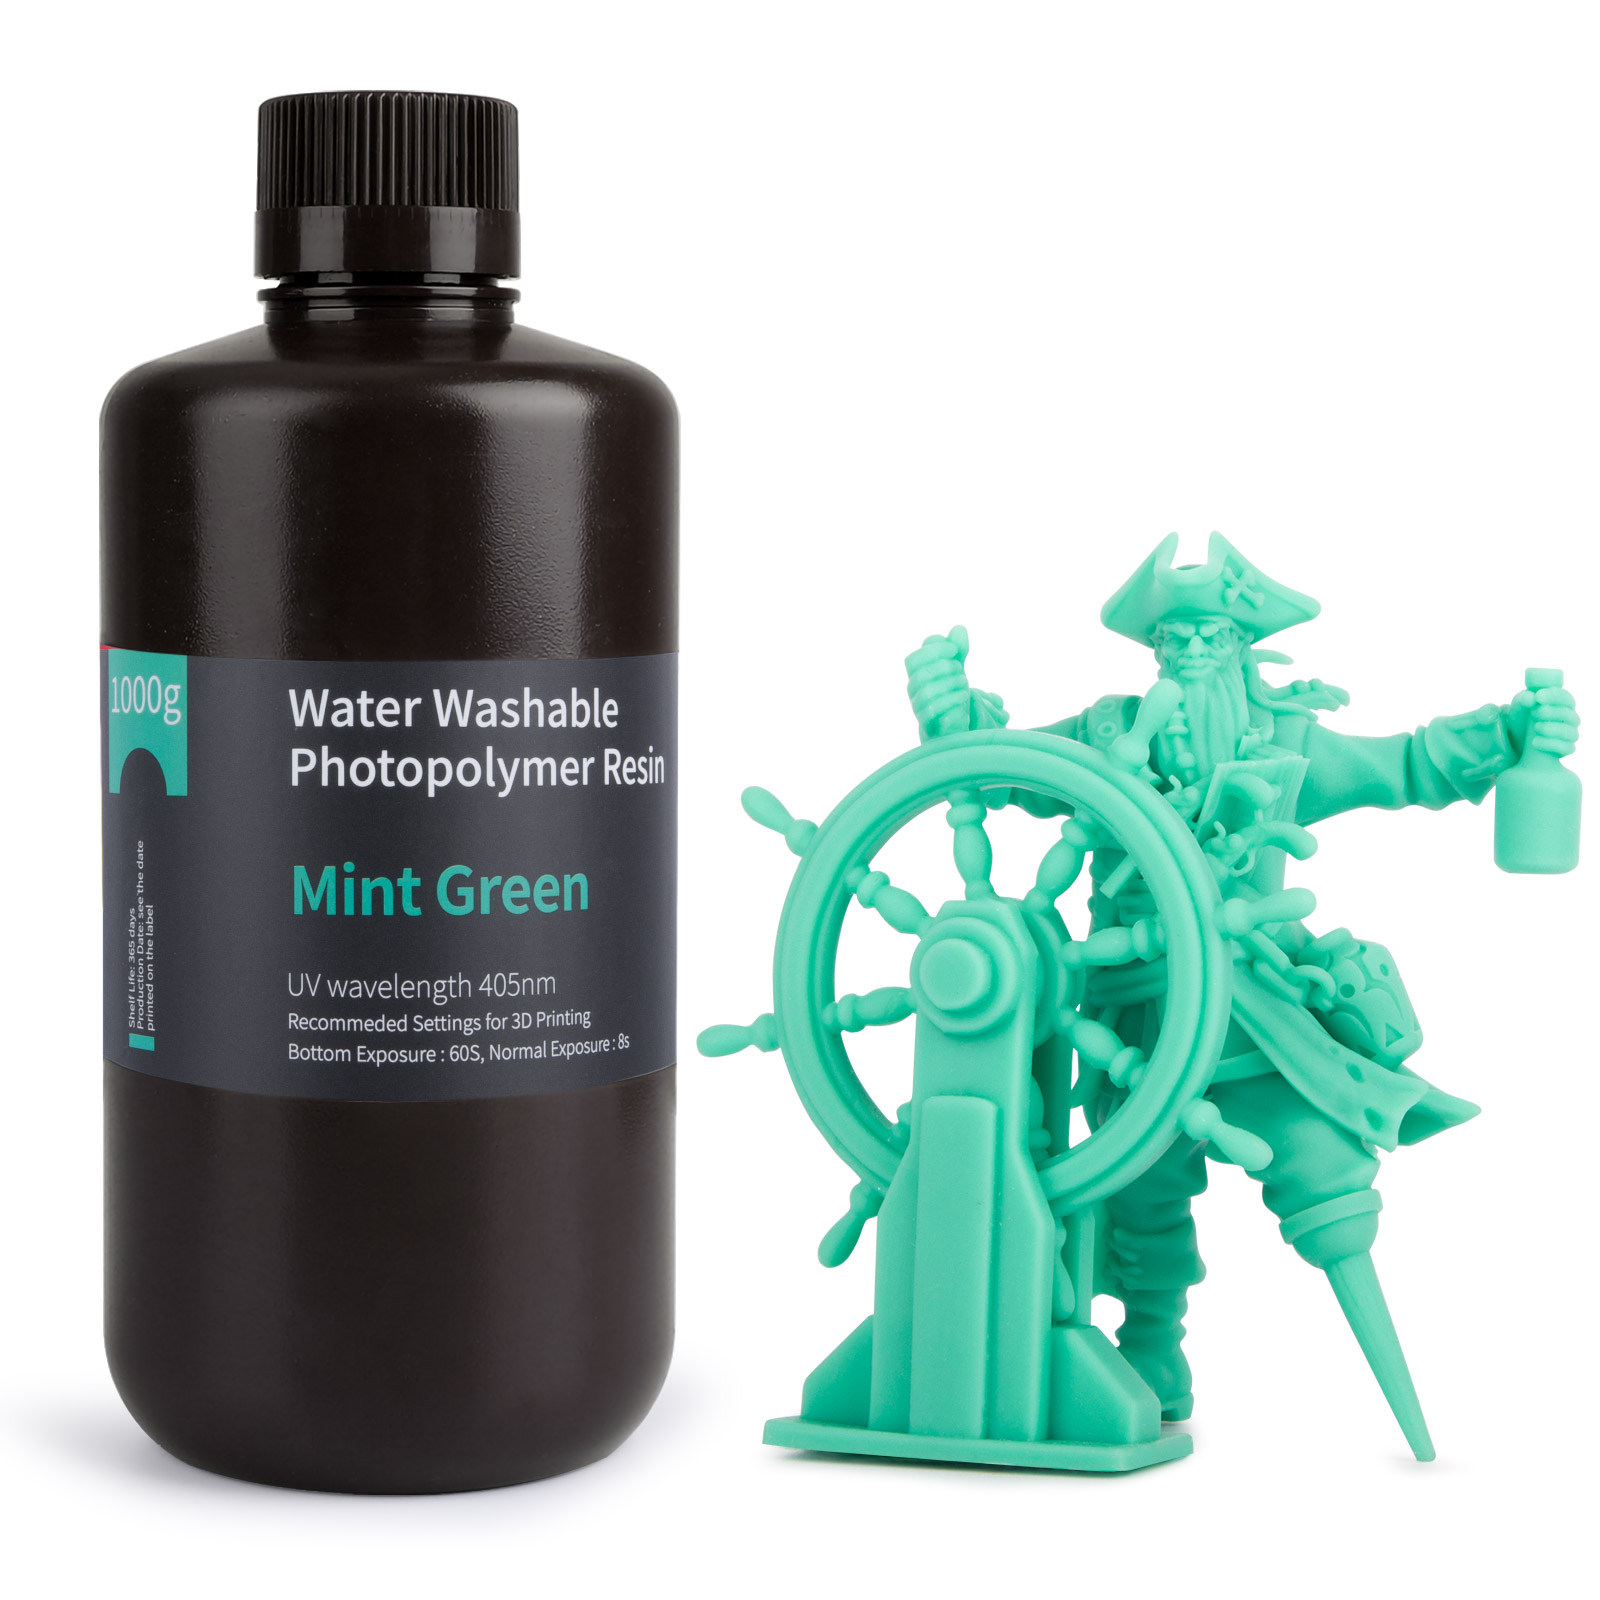 ELEGOO воды моющаяся Резина 3D-принтеры смолы 405nm УФ Смола Стандартный фотополимерные смолы для ЖК-дисплей 3D-принтеры мятно-зеленого цвета, 1000 м...